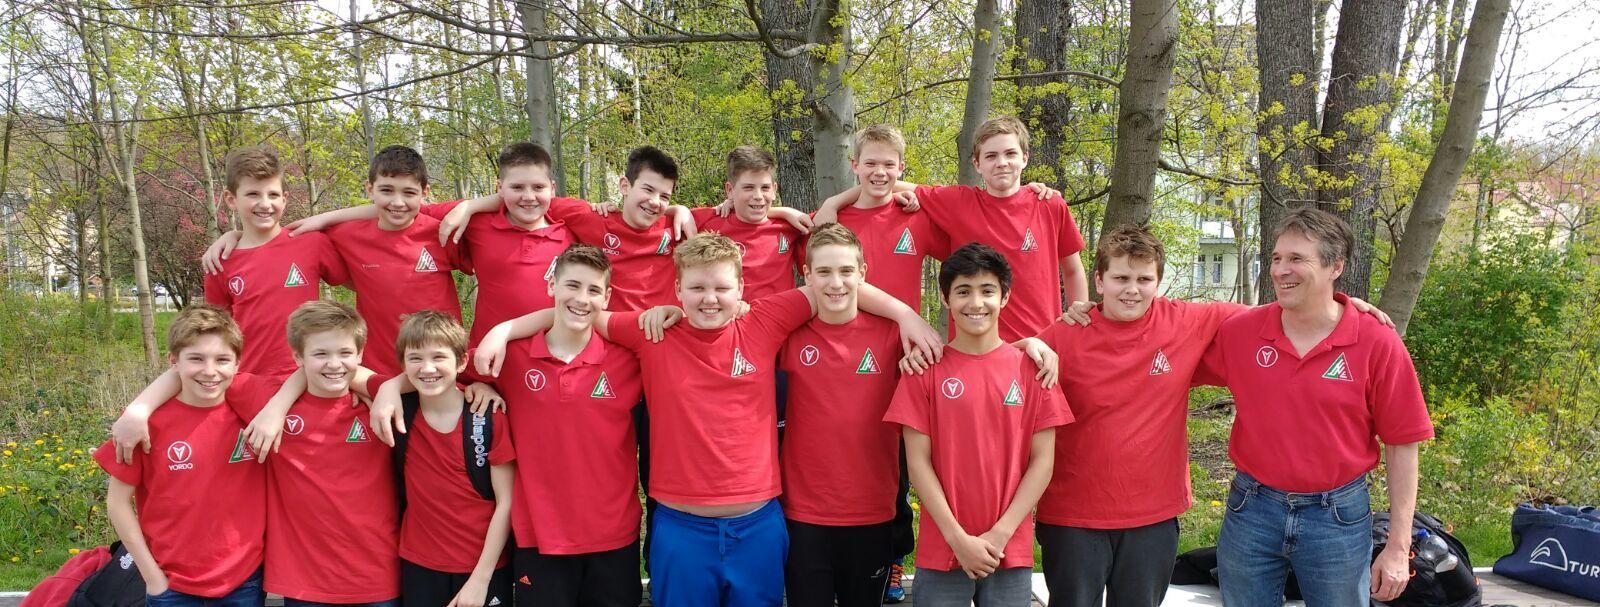 U13 qualifiziert sich für DSV-Pokal-Endrunde